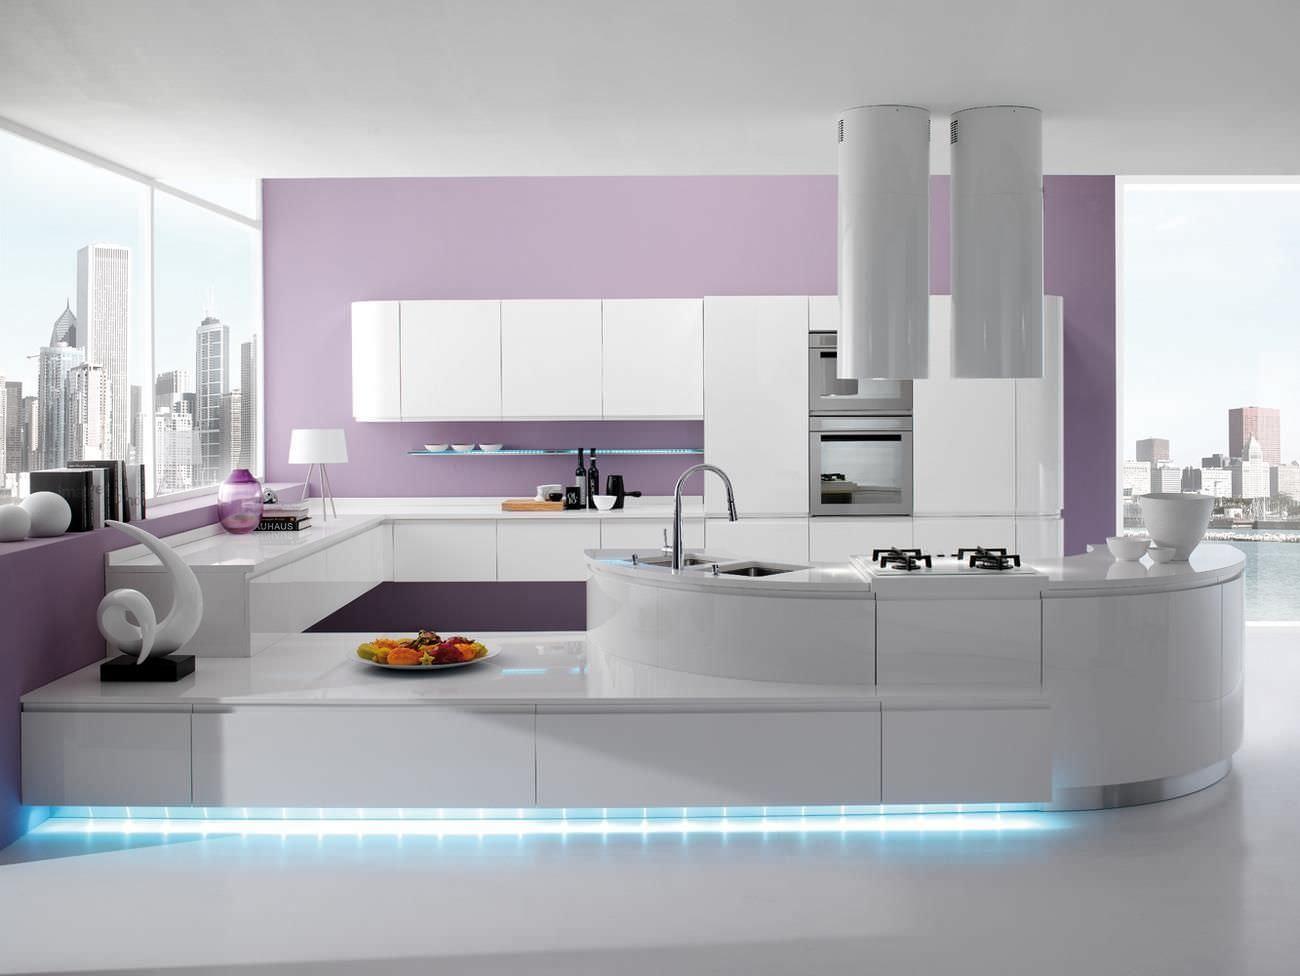 Dise o de interiores exteriores cocinas - Diseno interiores cocinas ...